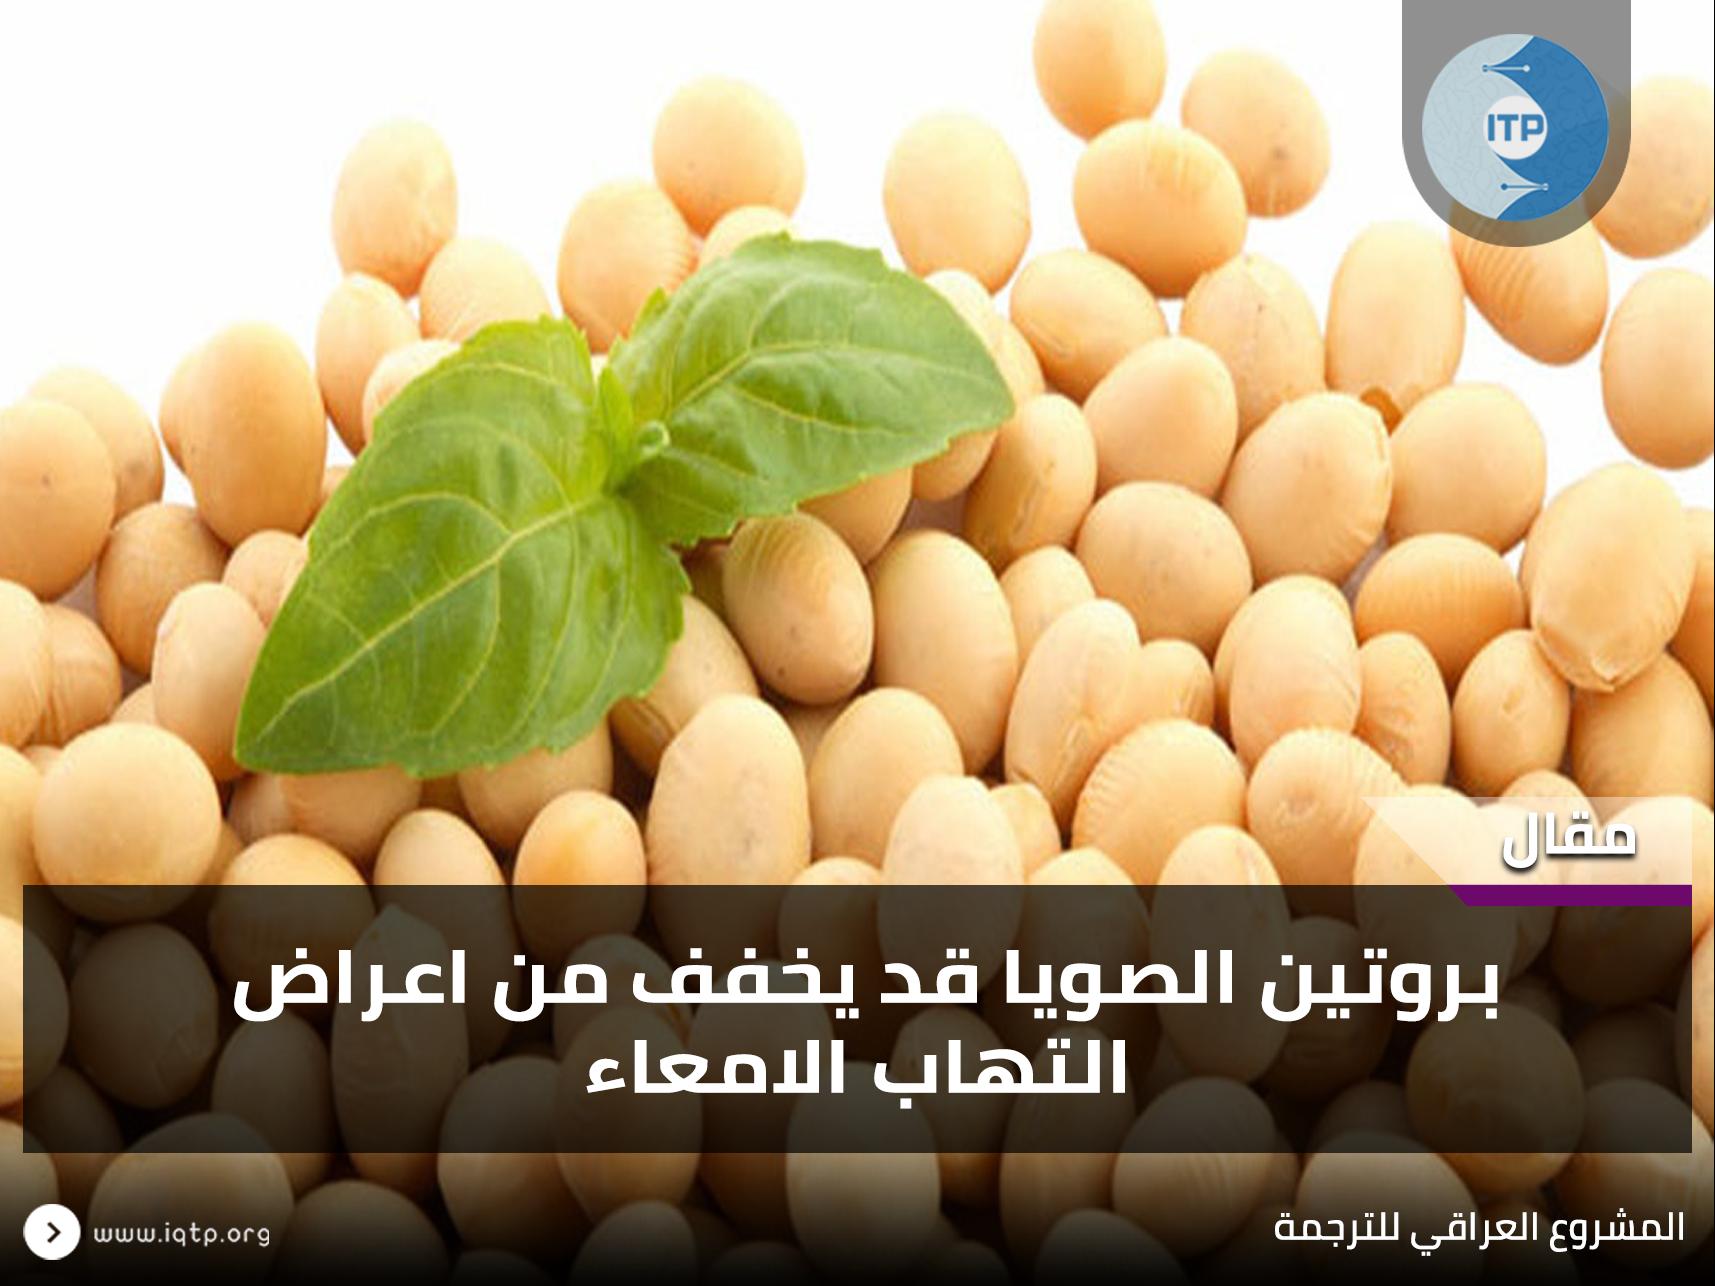 بروتين الصويا قد يخفف من اعراض إلتهاب الامعاء